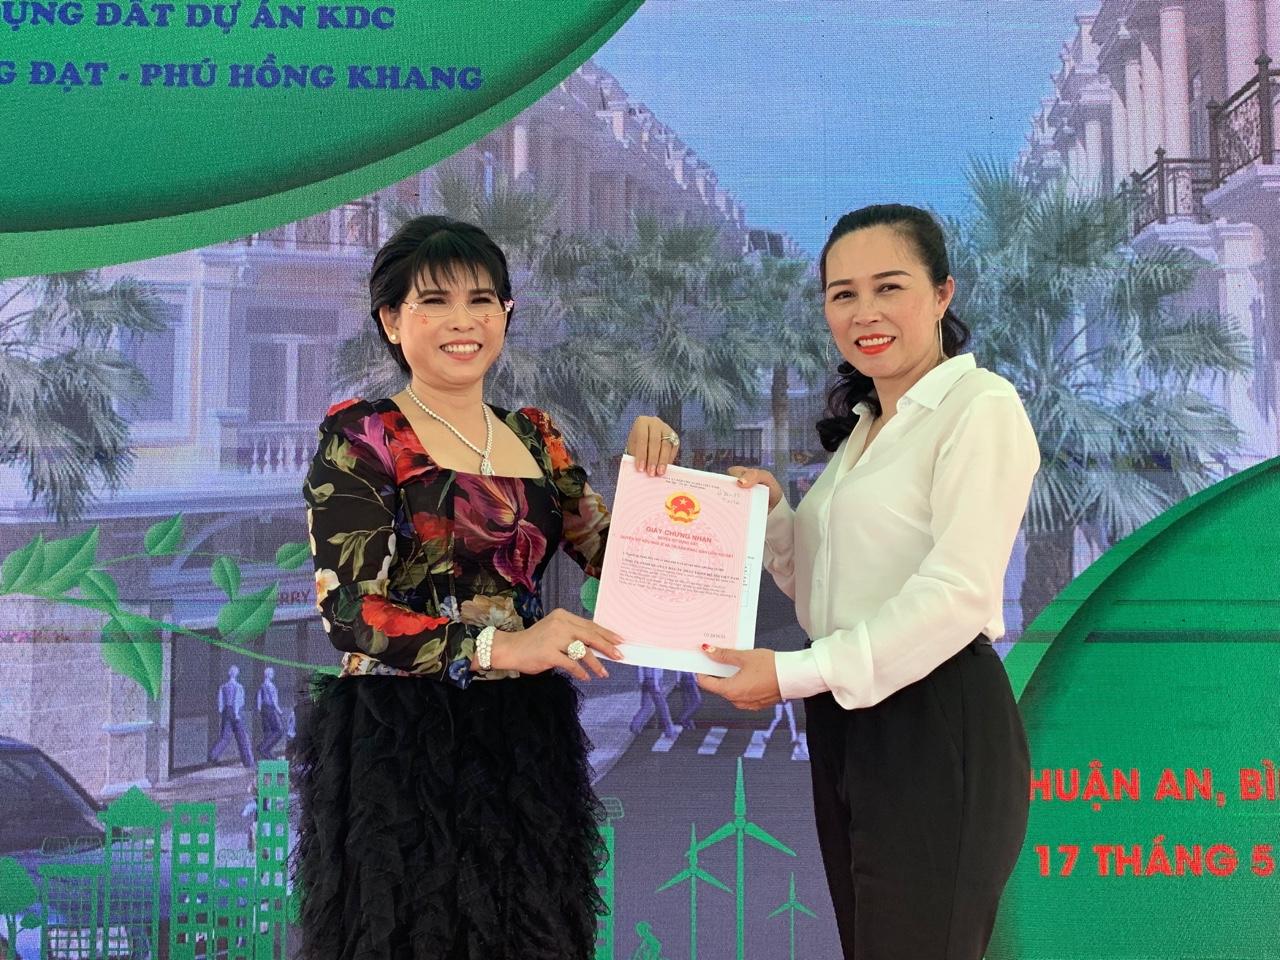 Bình Dương: Phú Hồng Thịnh tiếp tục khẳng định tên tuổi khi trao sổ hồng sớm cho khách hàng - Ảnh 2